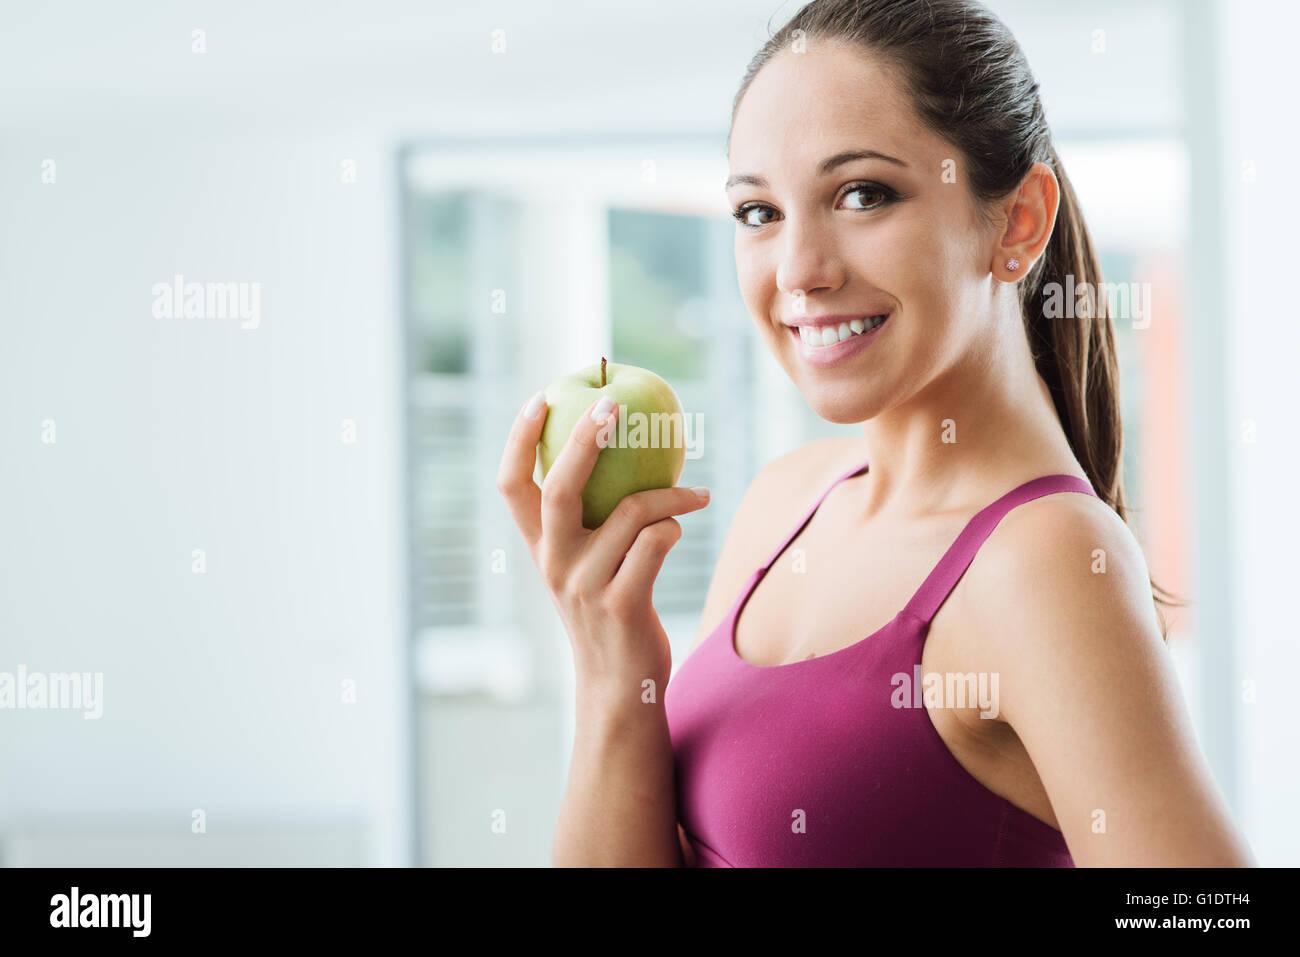 Giovane donna slim tenendo un apple e sorridente alla fotocamera, mangiare sano e perdita di peso concept Immagini Stock